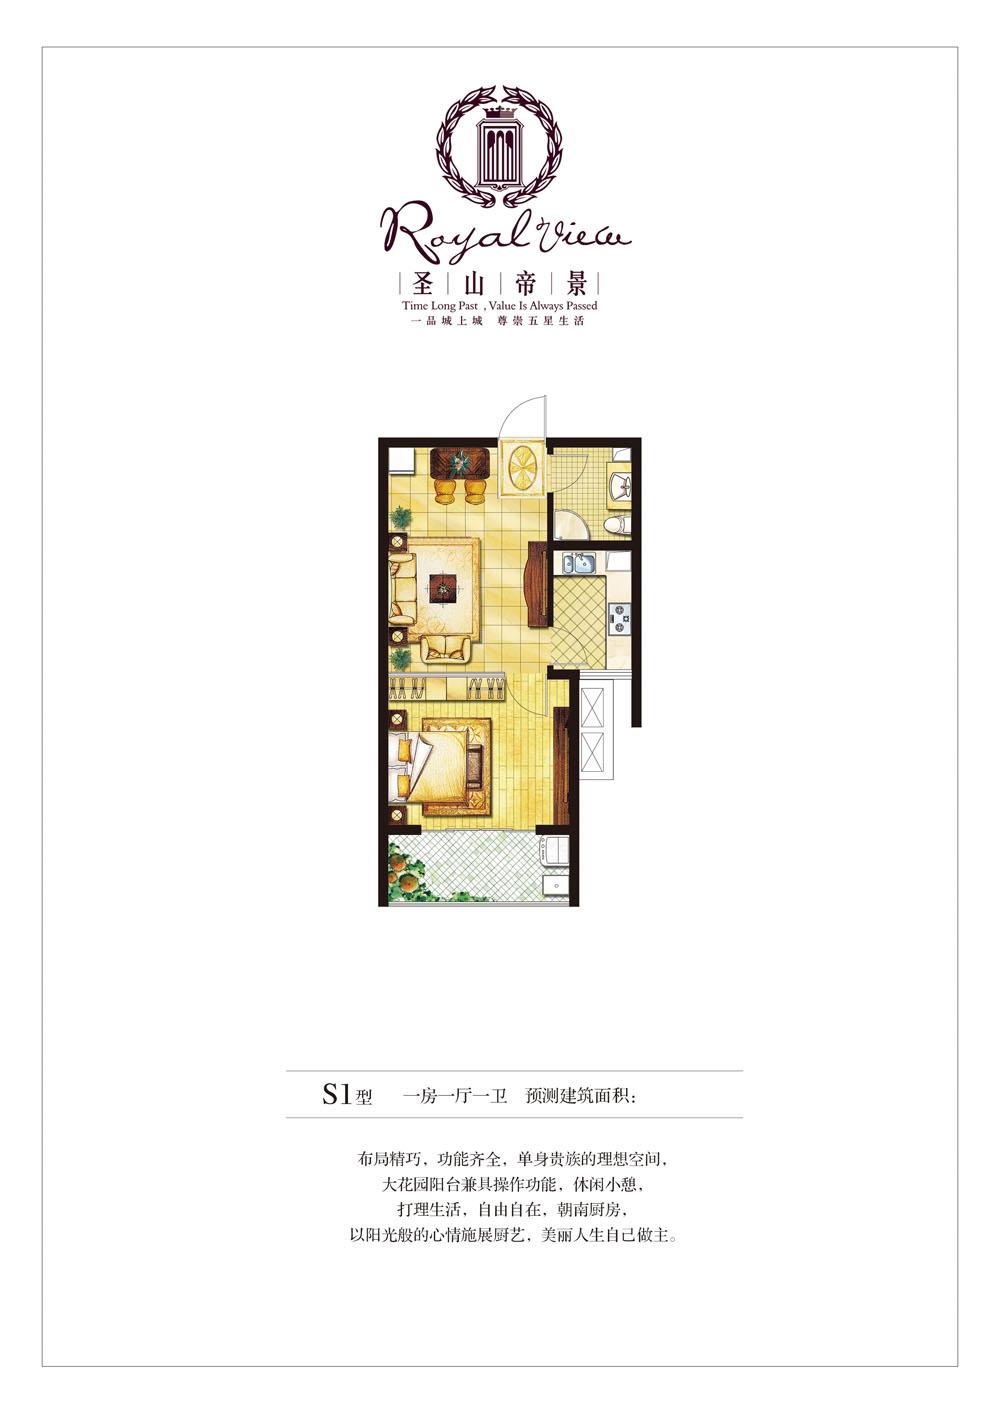 房子装修,小户型,长条形的,求创意客厅和卧室的隔断怎么做?愁死了